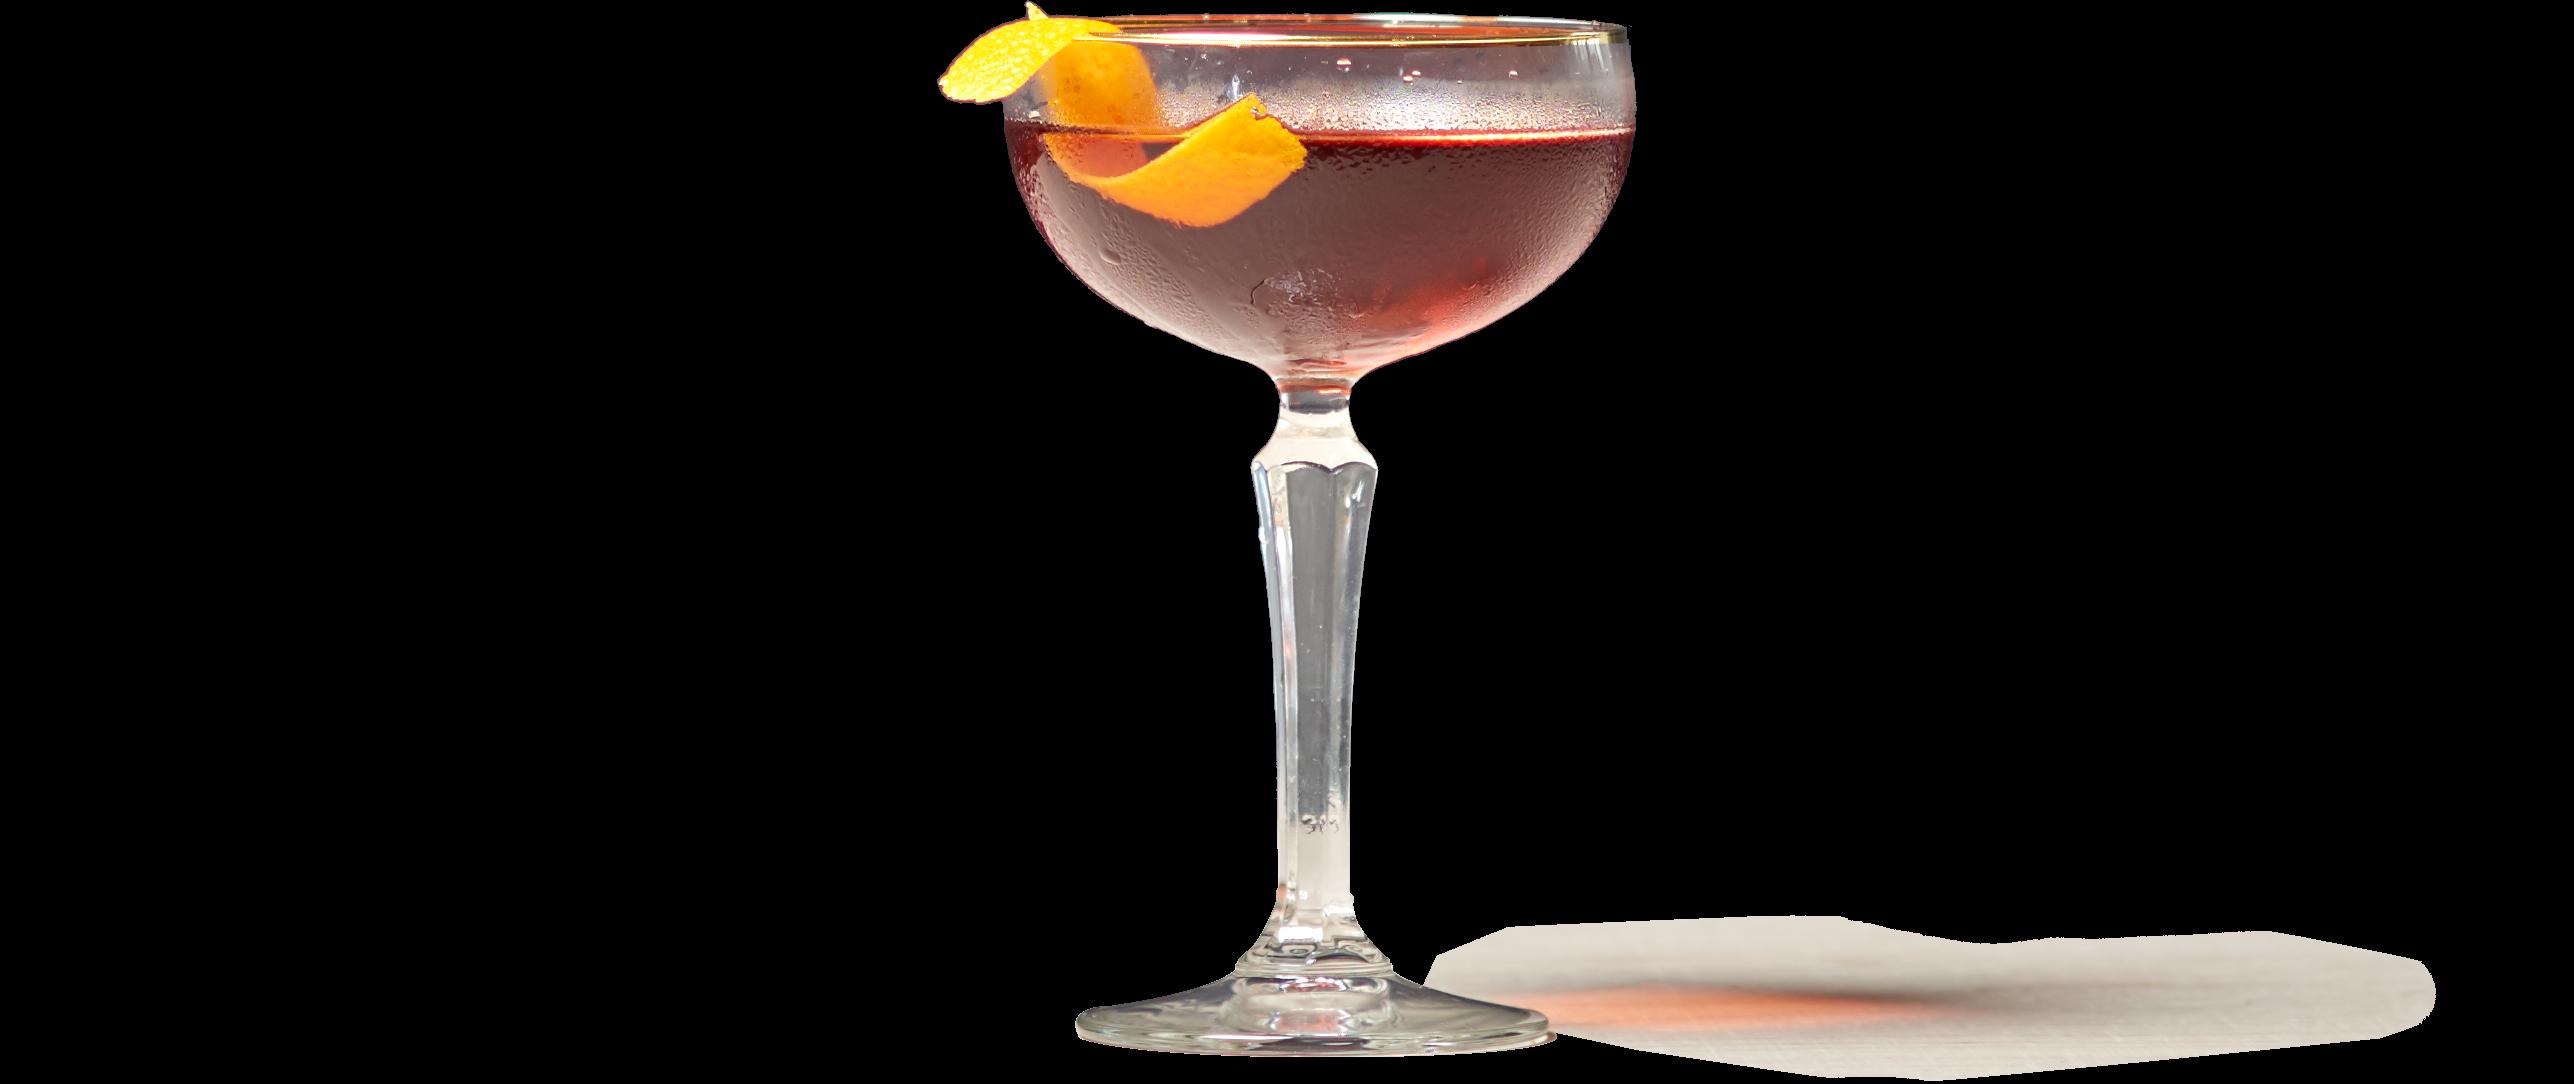 flemish-martinez